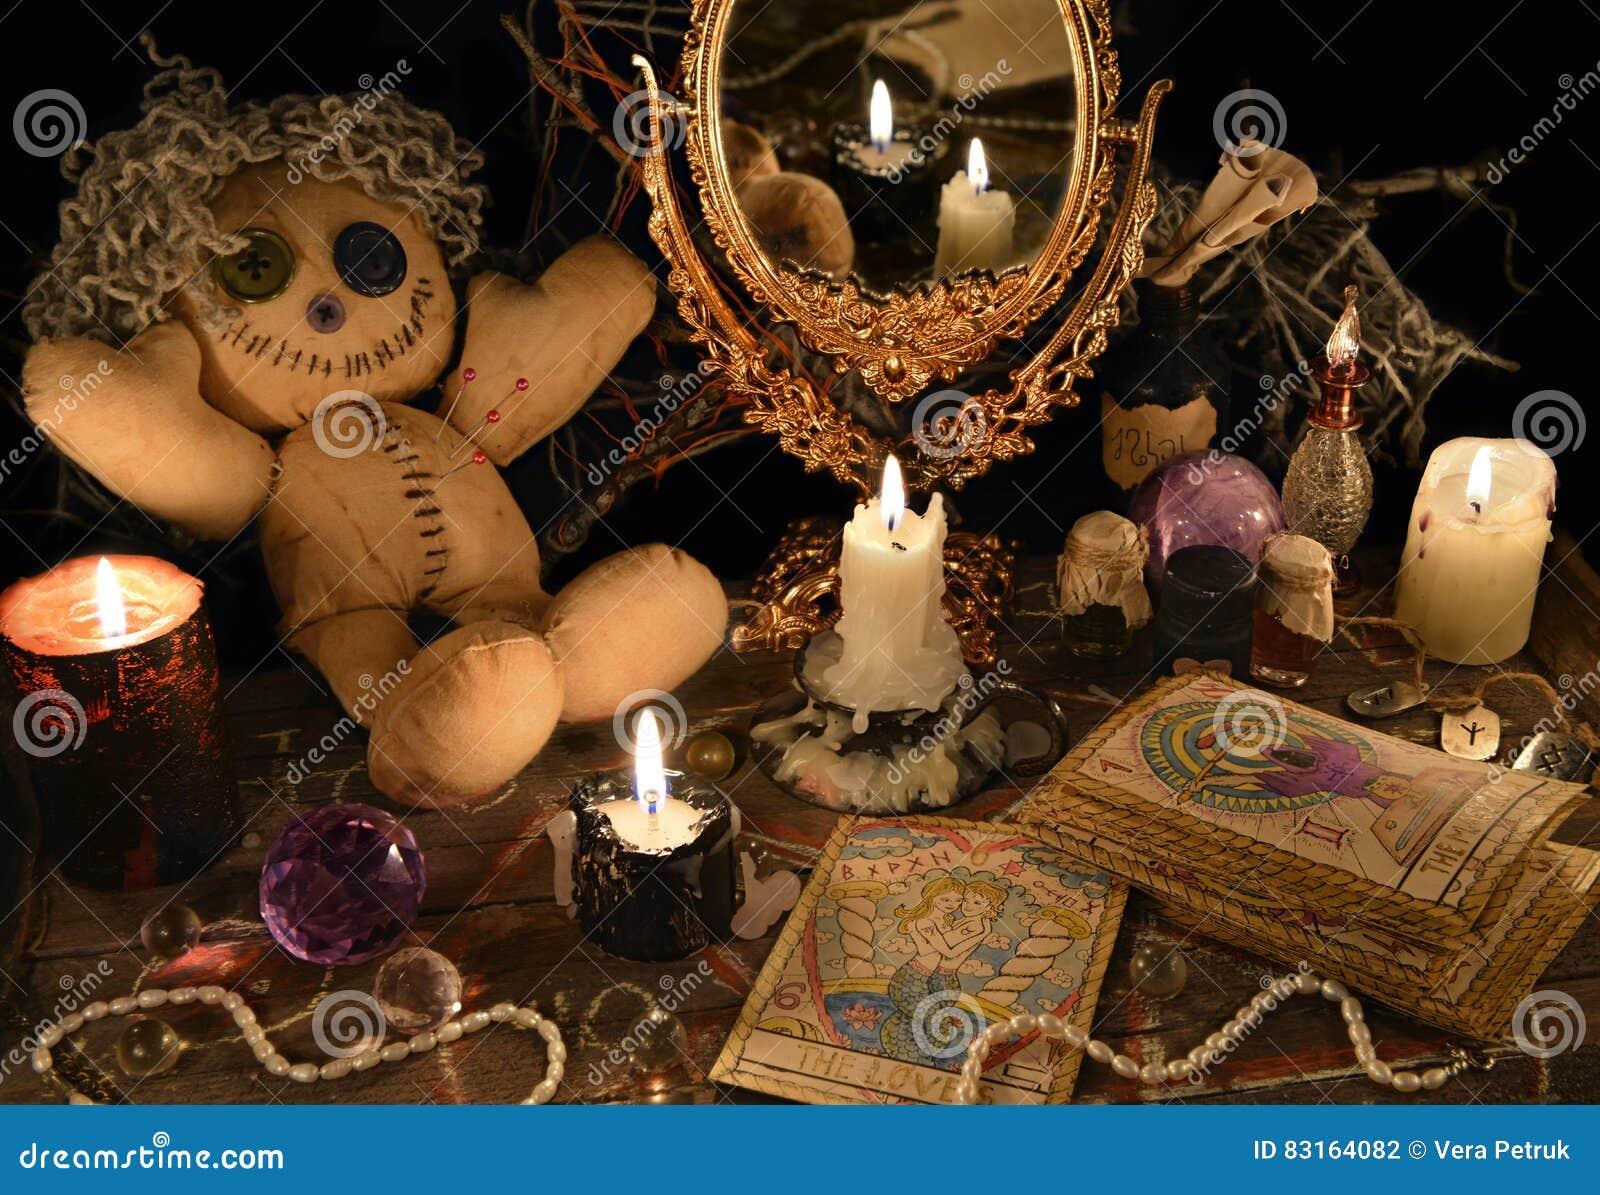 与伏都教玩偶、镜子和占卜用的纸牌的不可思议的仪式